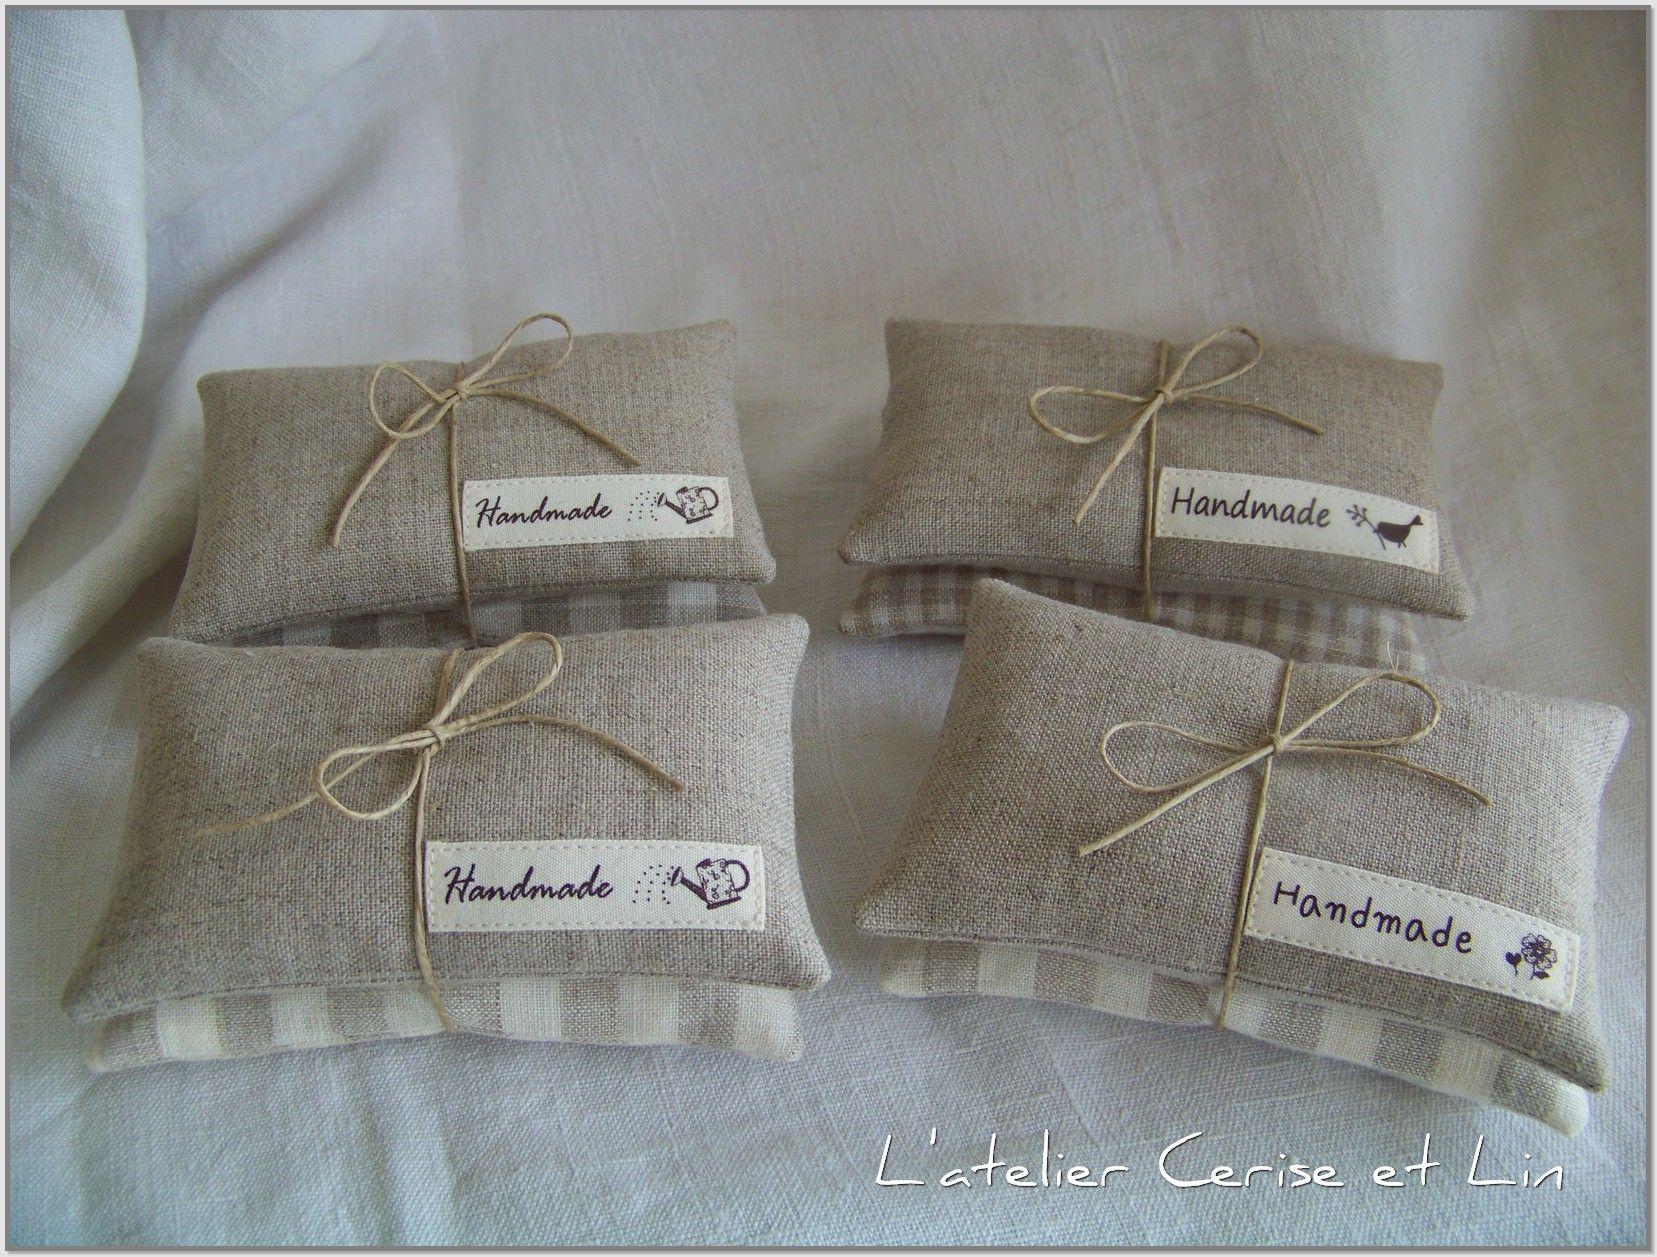 petits coussins lavande et lin szycie lavande sachets. Black Bedroom Furniture Sets. Home Design Ideas